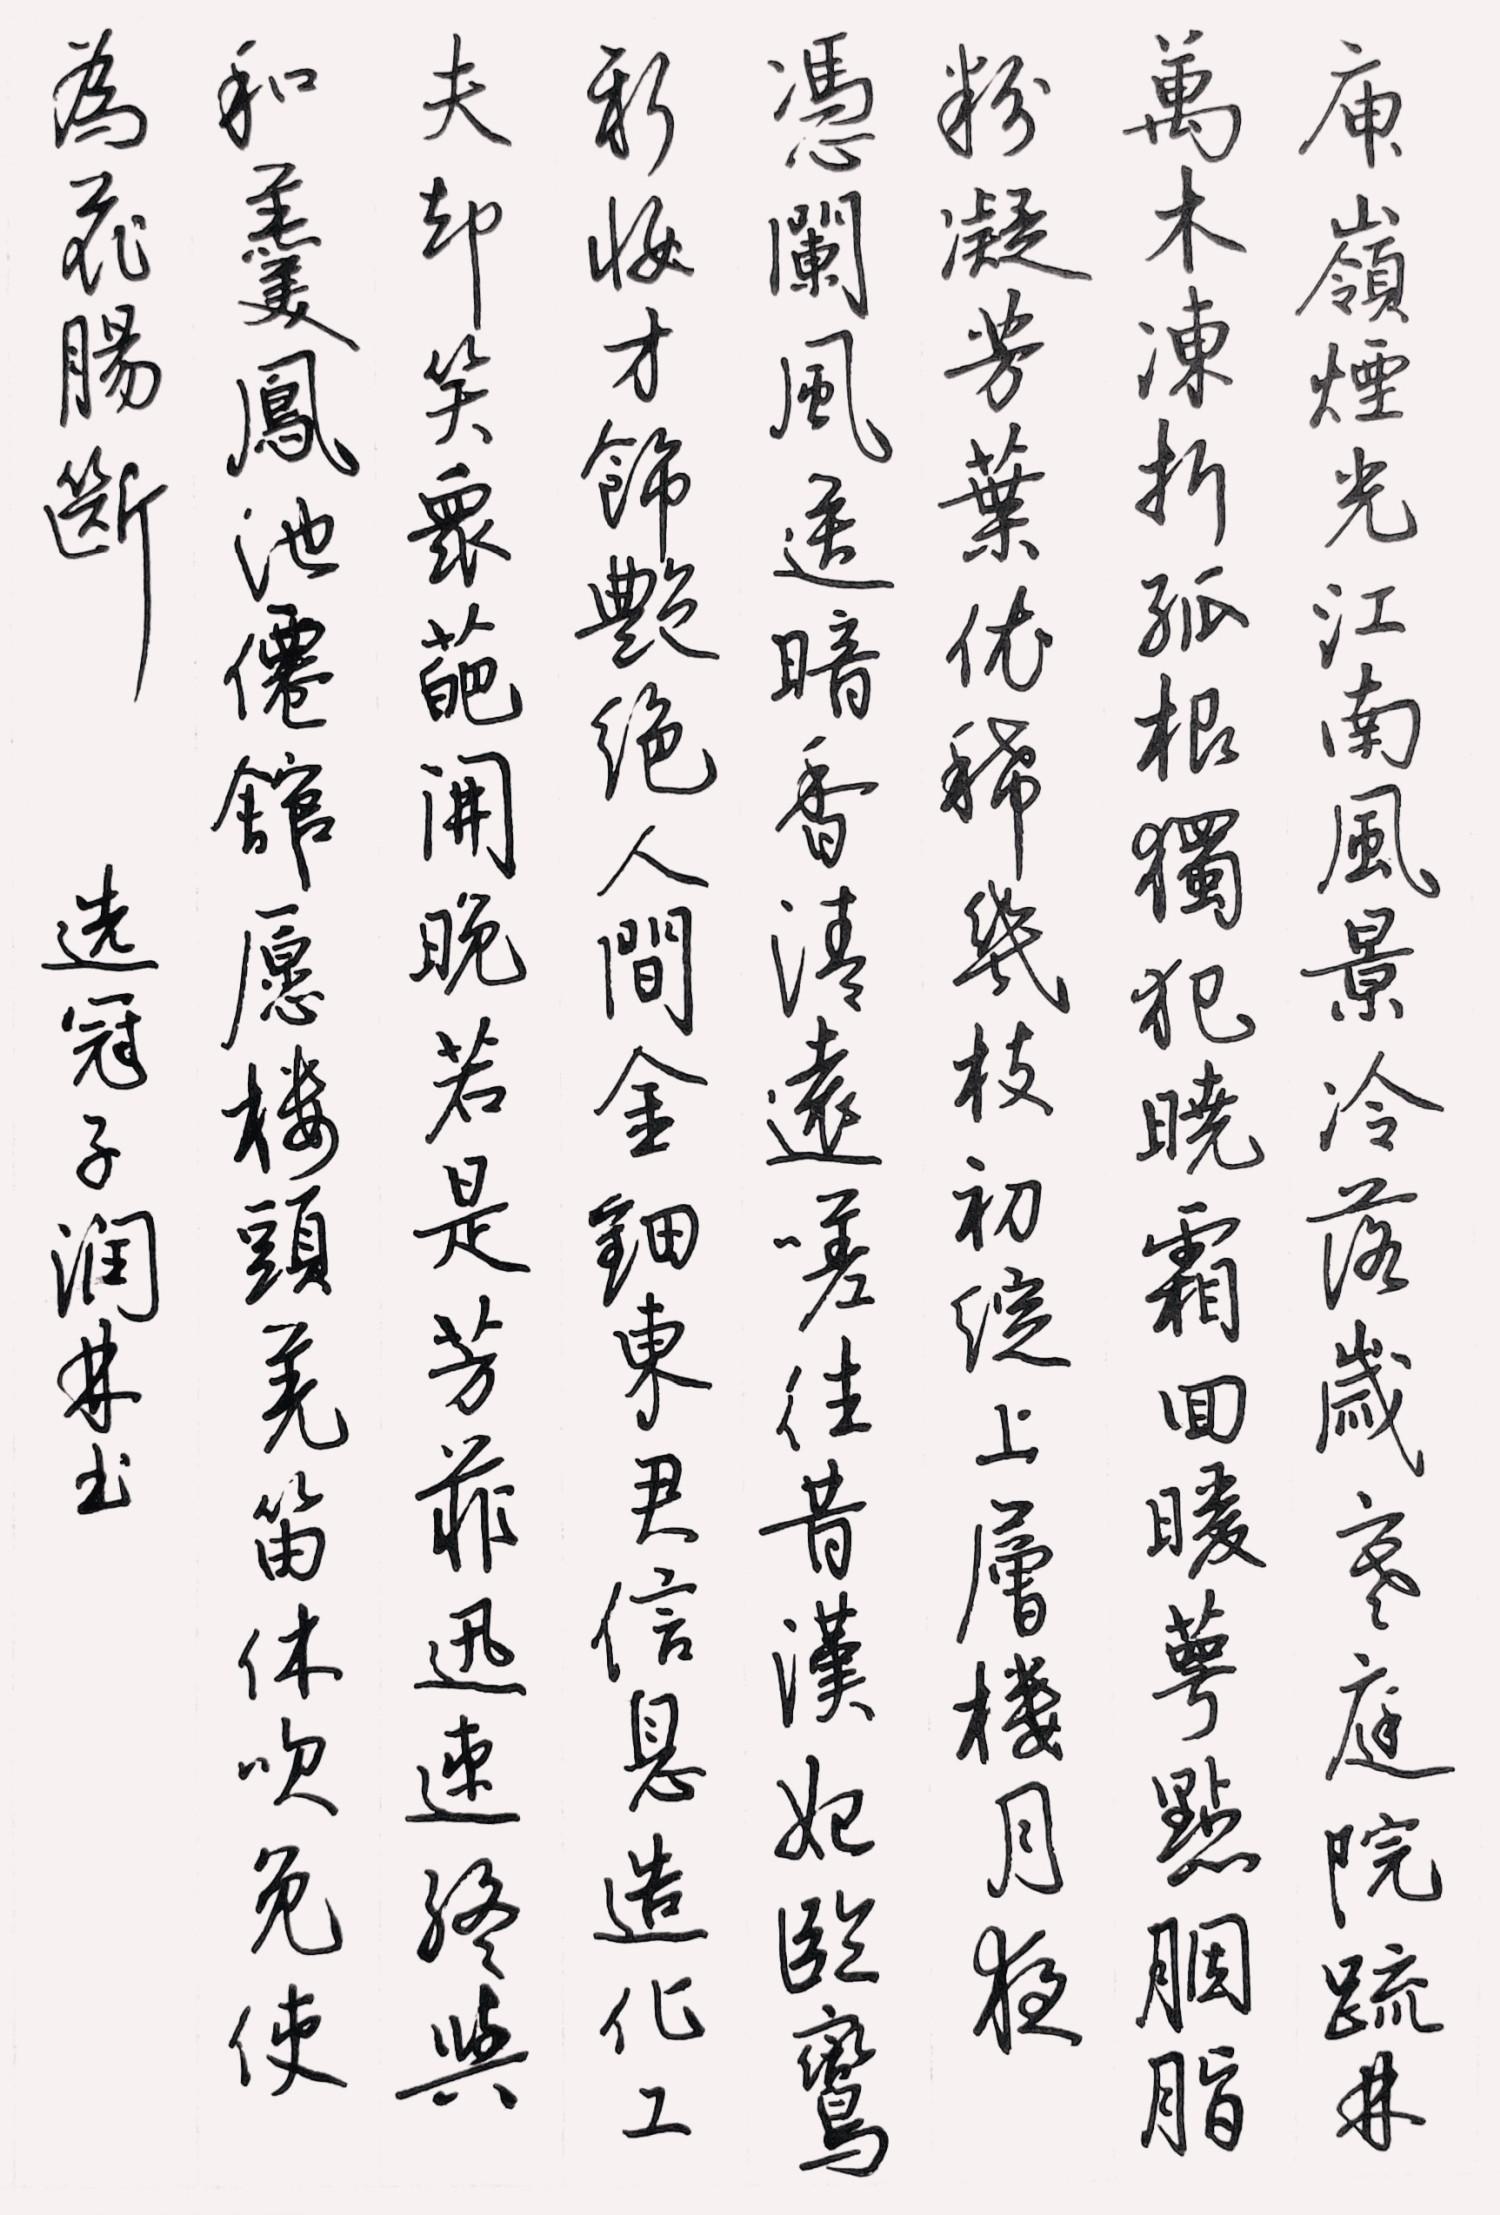 钢笔书法练字打卡20210622-01